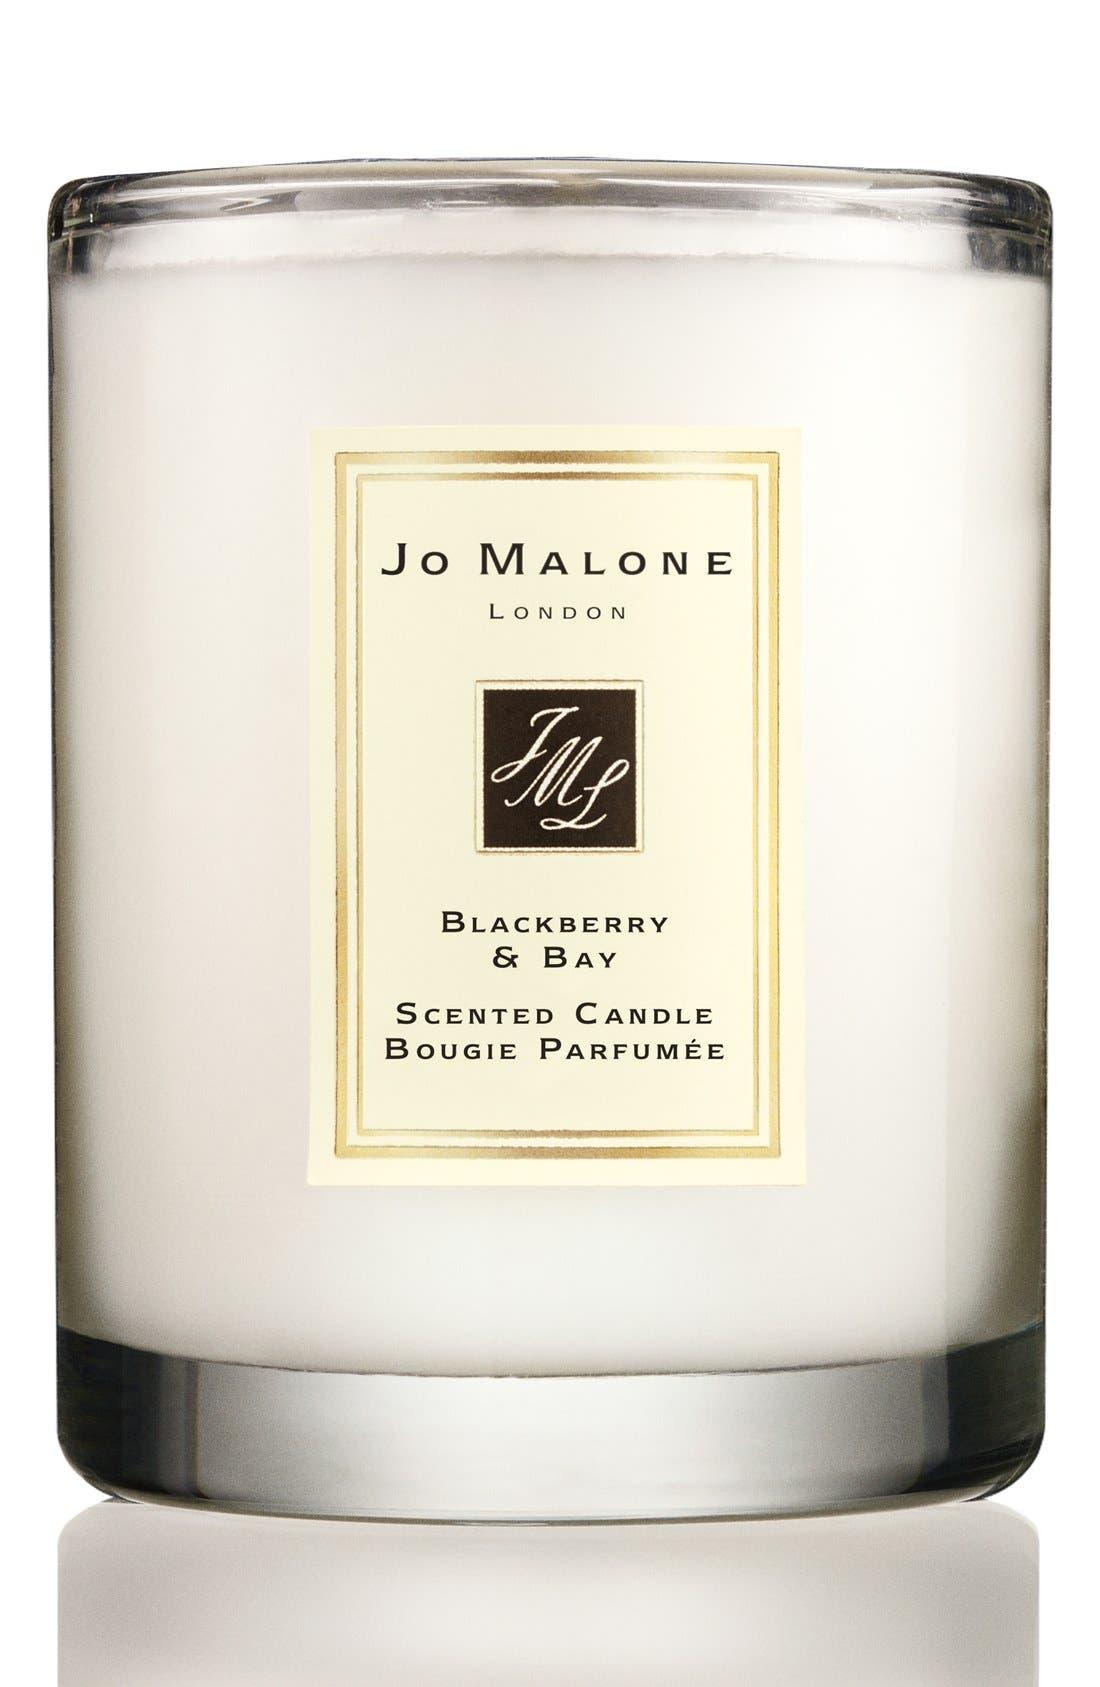 JO MALONE LONDON™ Jo Malone™ 'Blackberry & Bay'